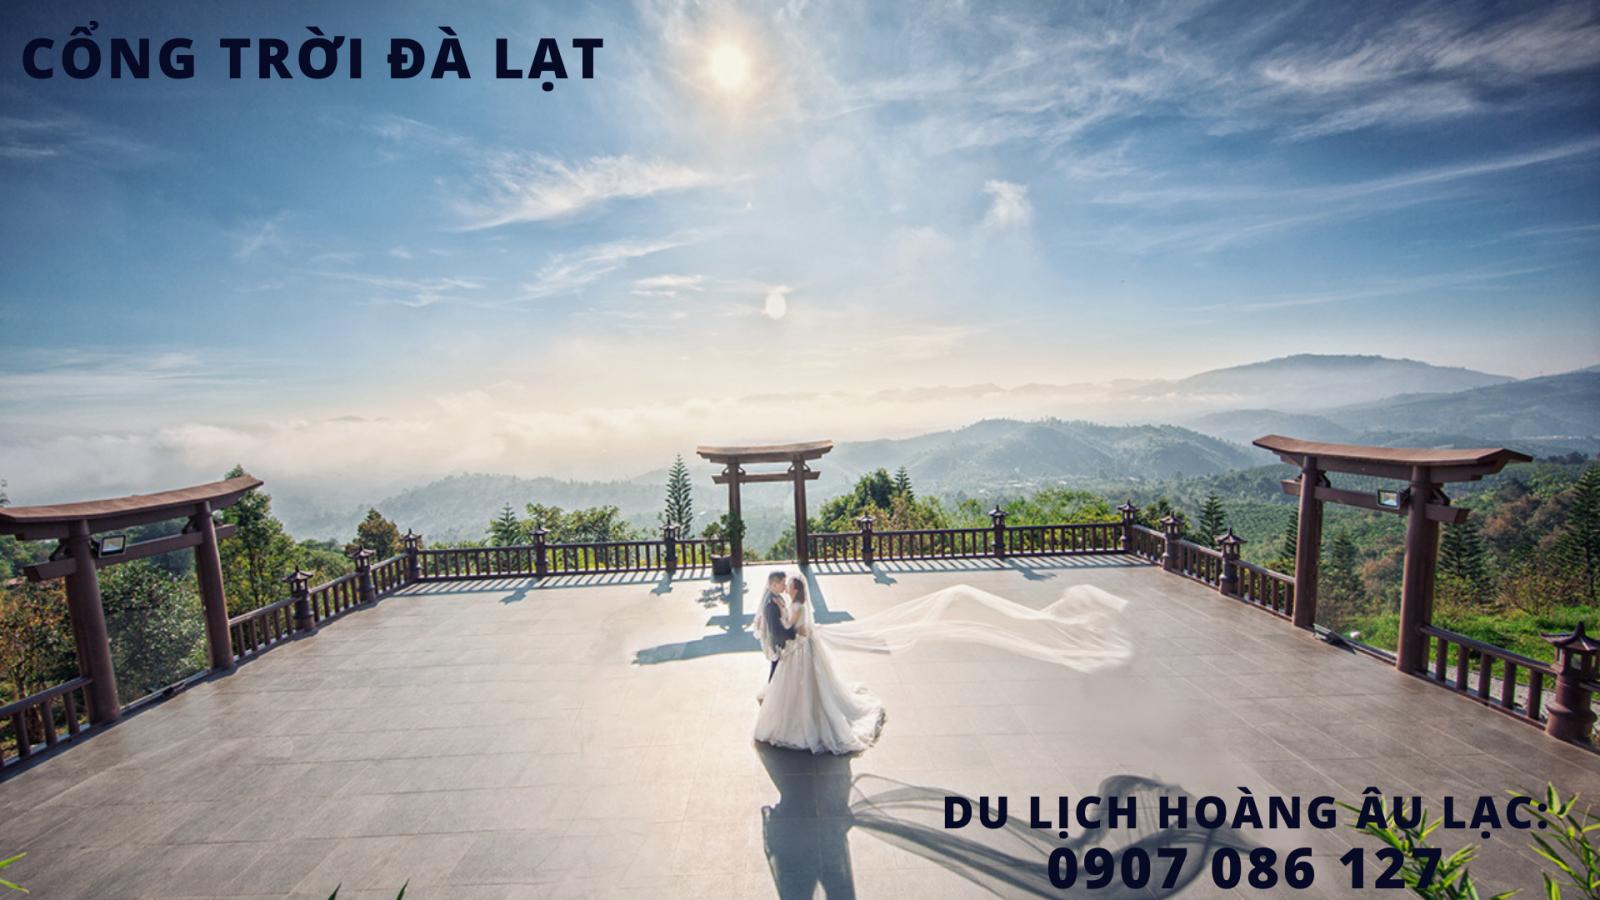 Cổng trời Đà Lạt - Bali Việt Nam